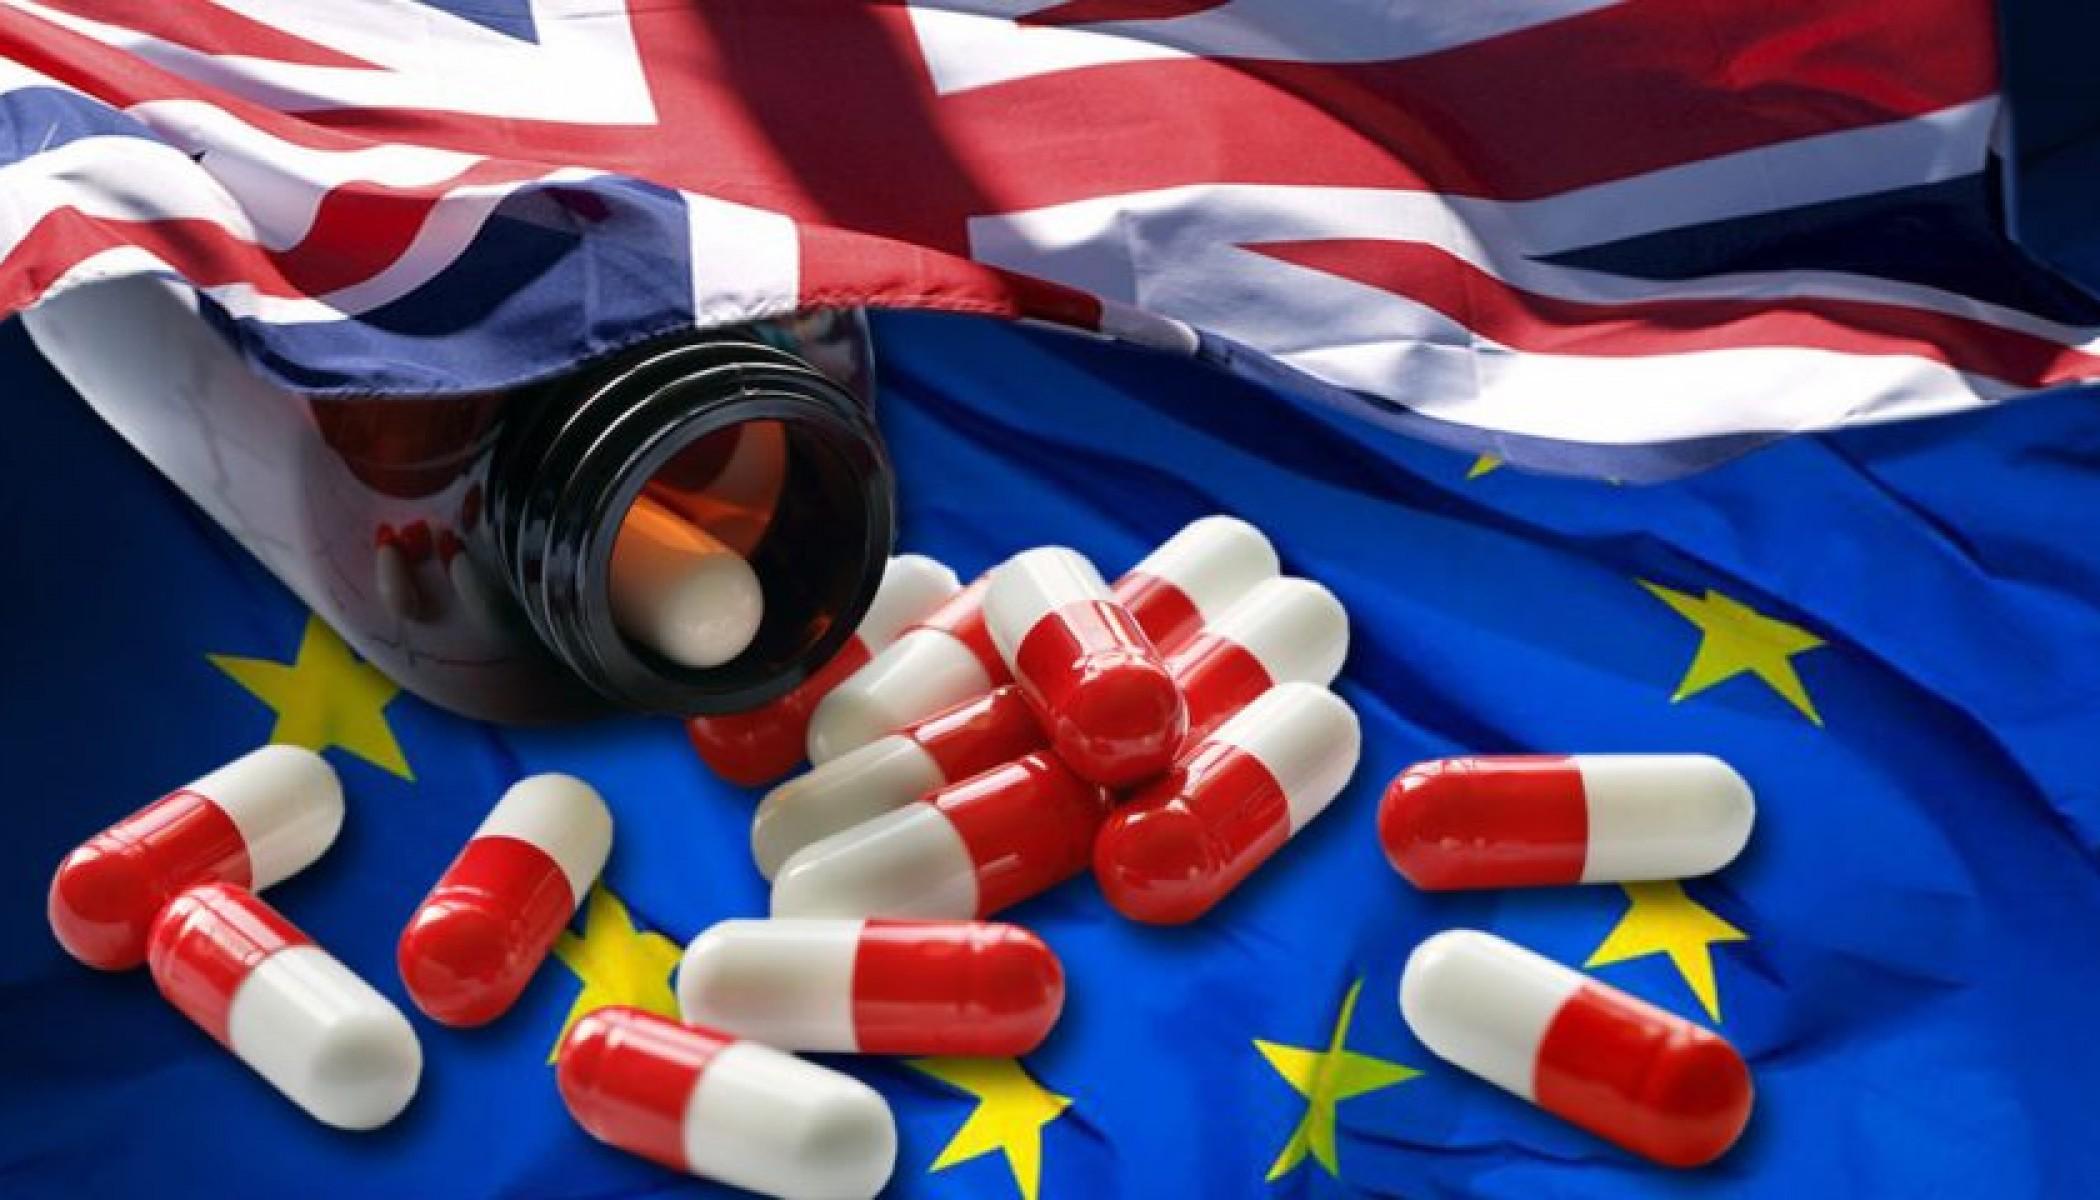 Η αναμονή του brexit μειώνει την ανάπτυξη στη φαρμακοβιομηχανία